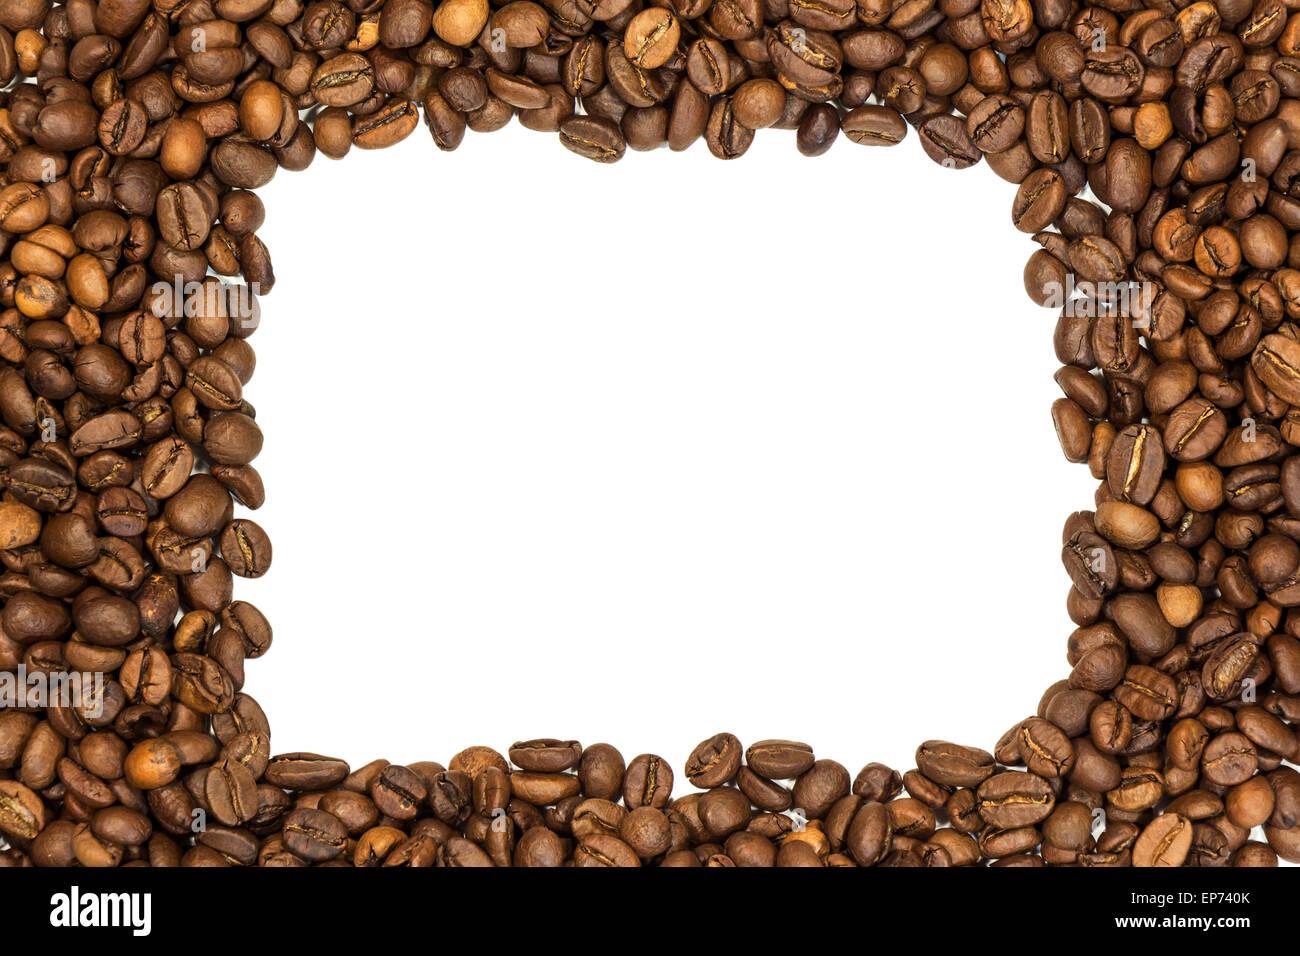 Frame Break Stock Photos & Frame Break Stock Images - Alamy